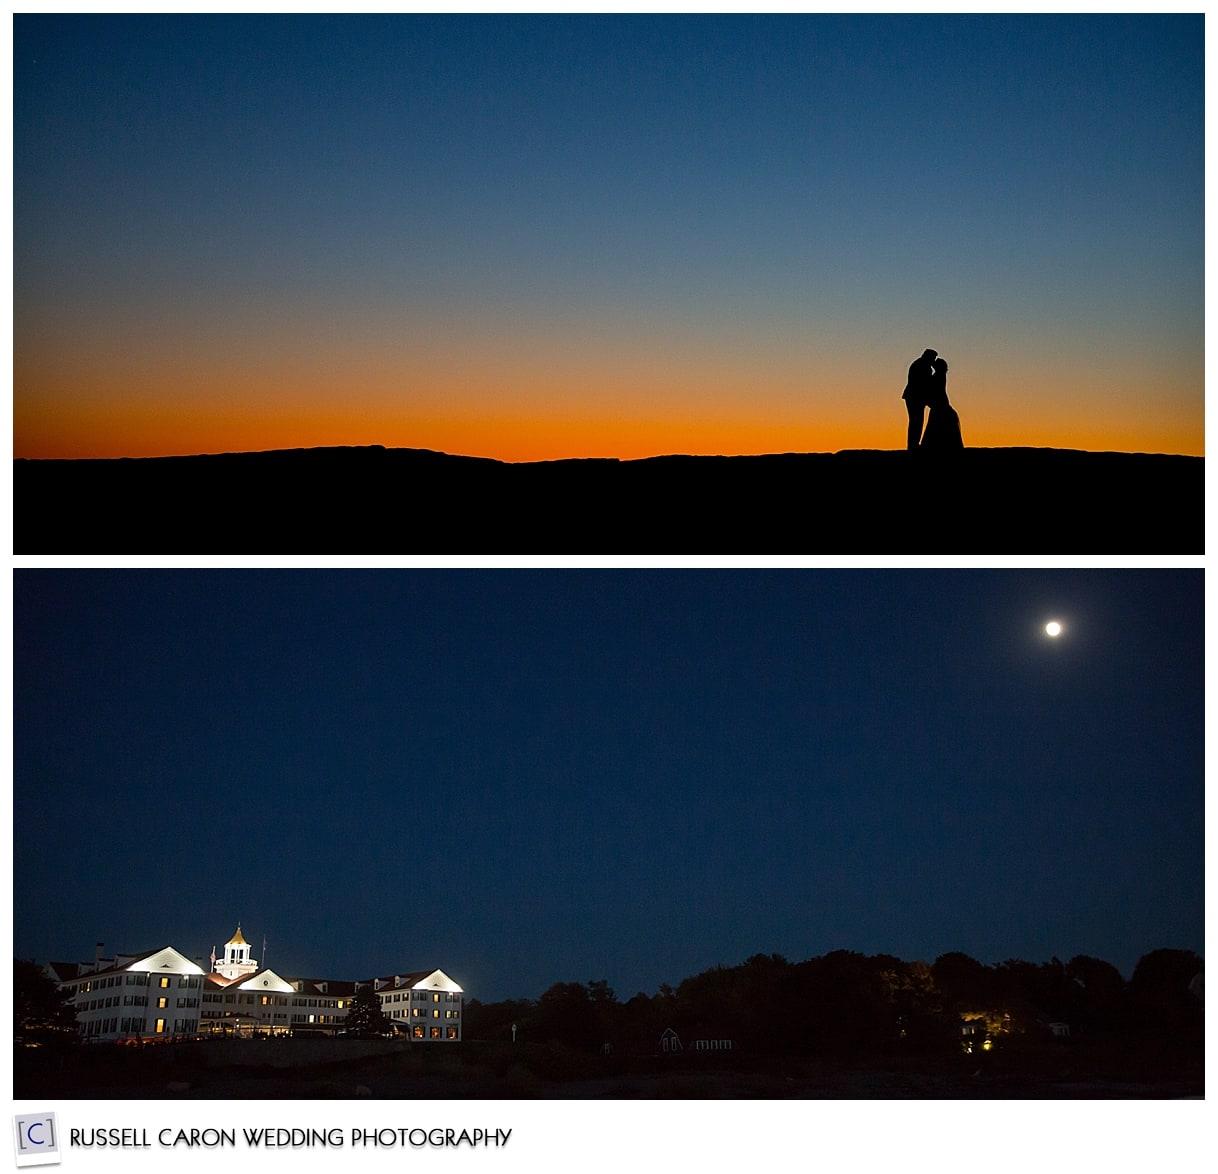 twilight wedding photos in kennebunkport maine